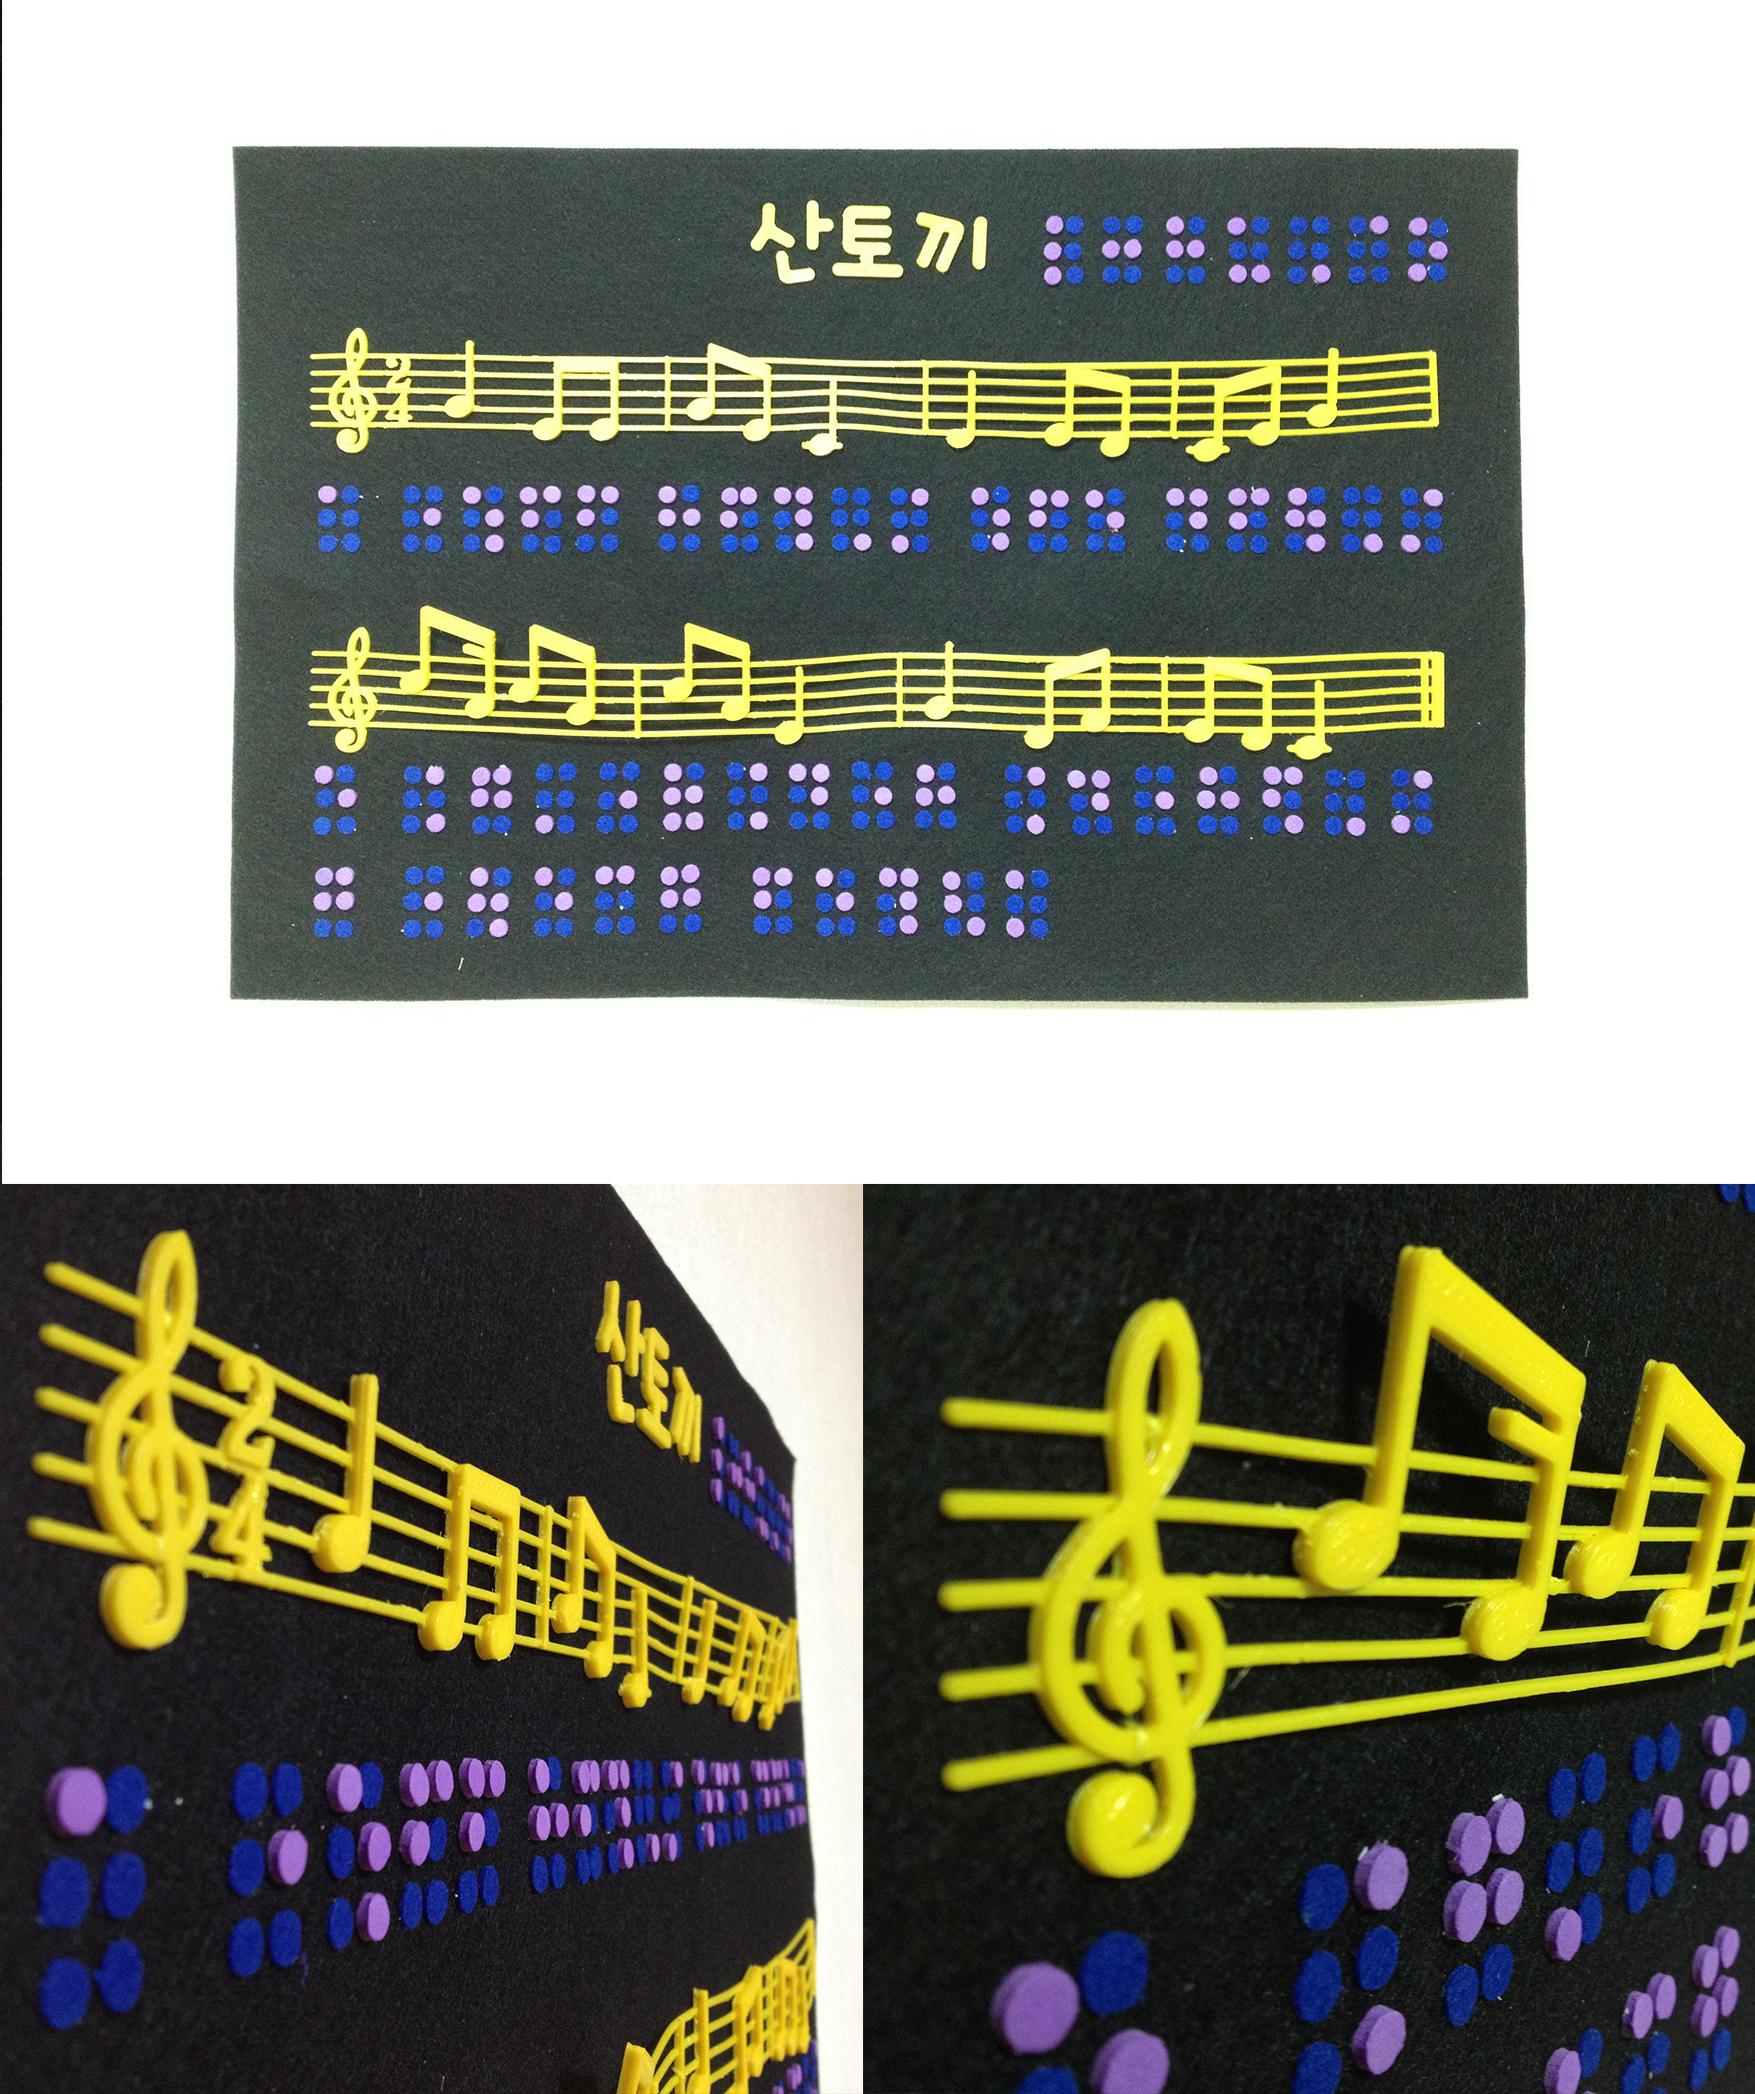 (음악) 음악악보 썸네일